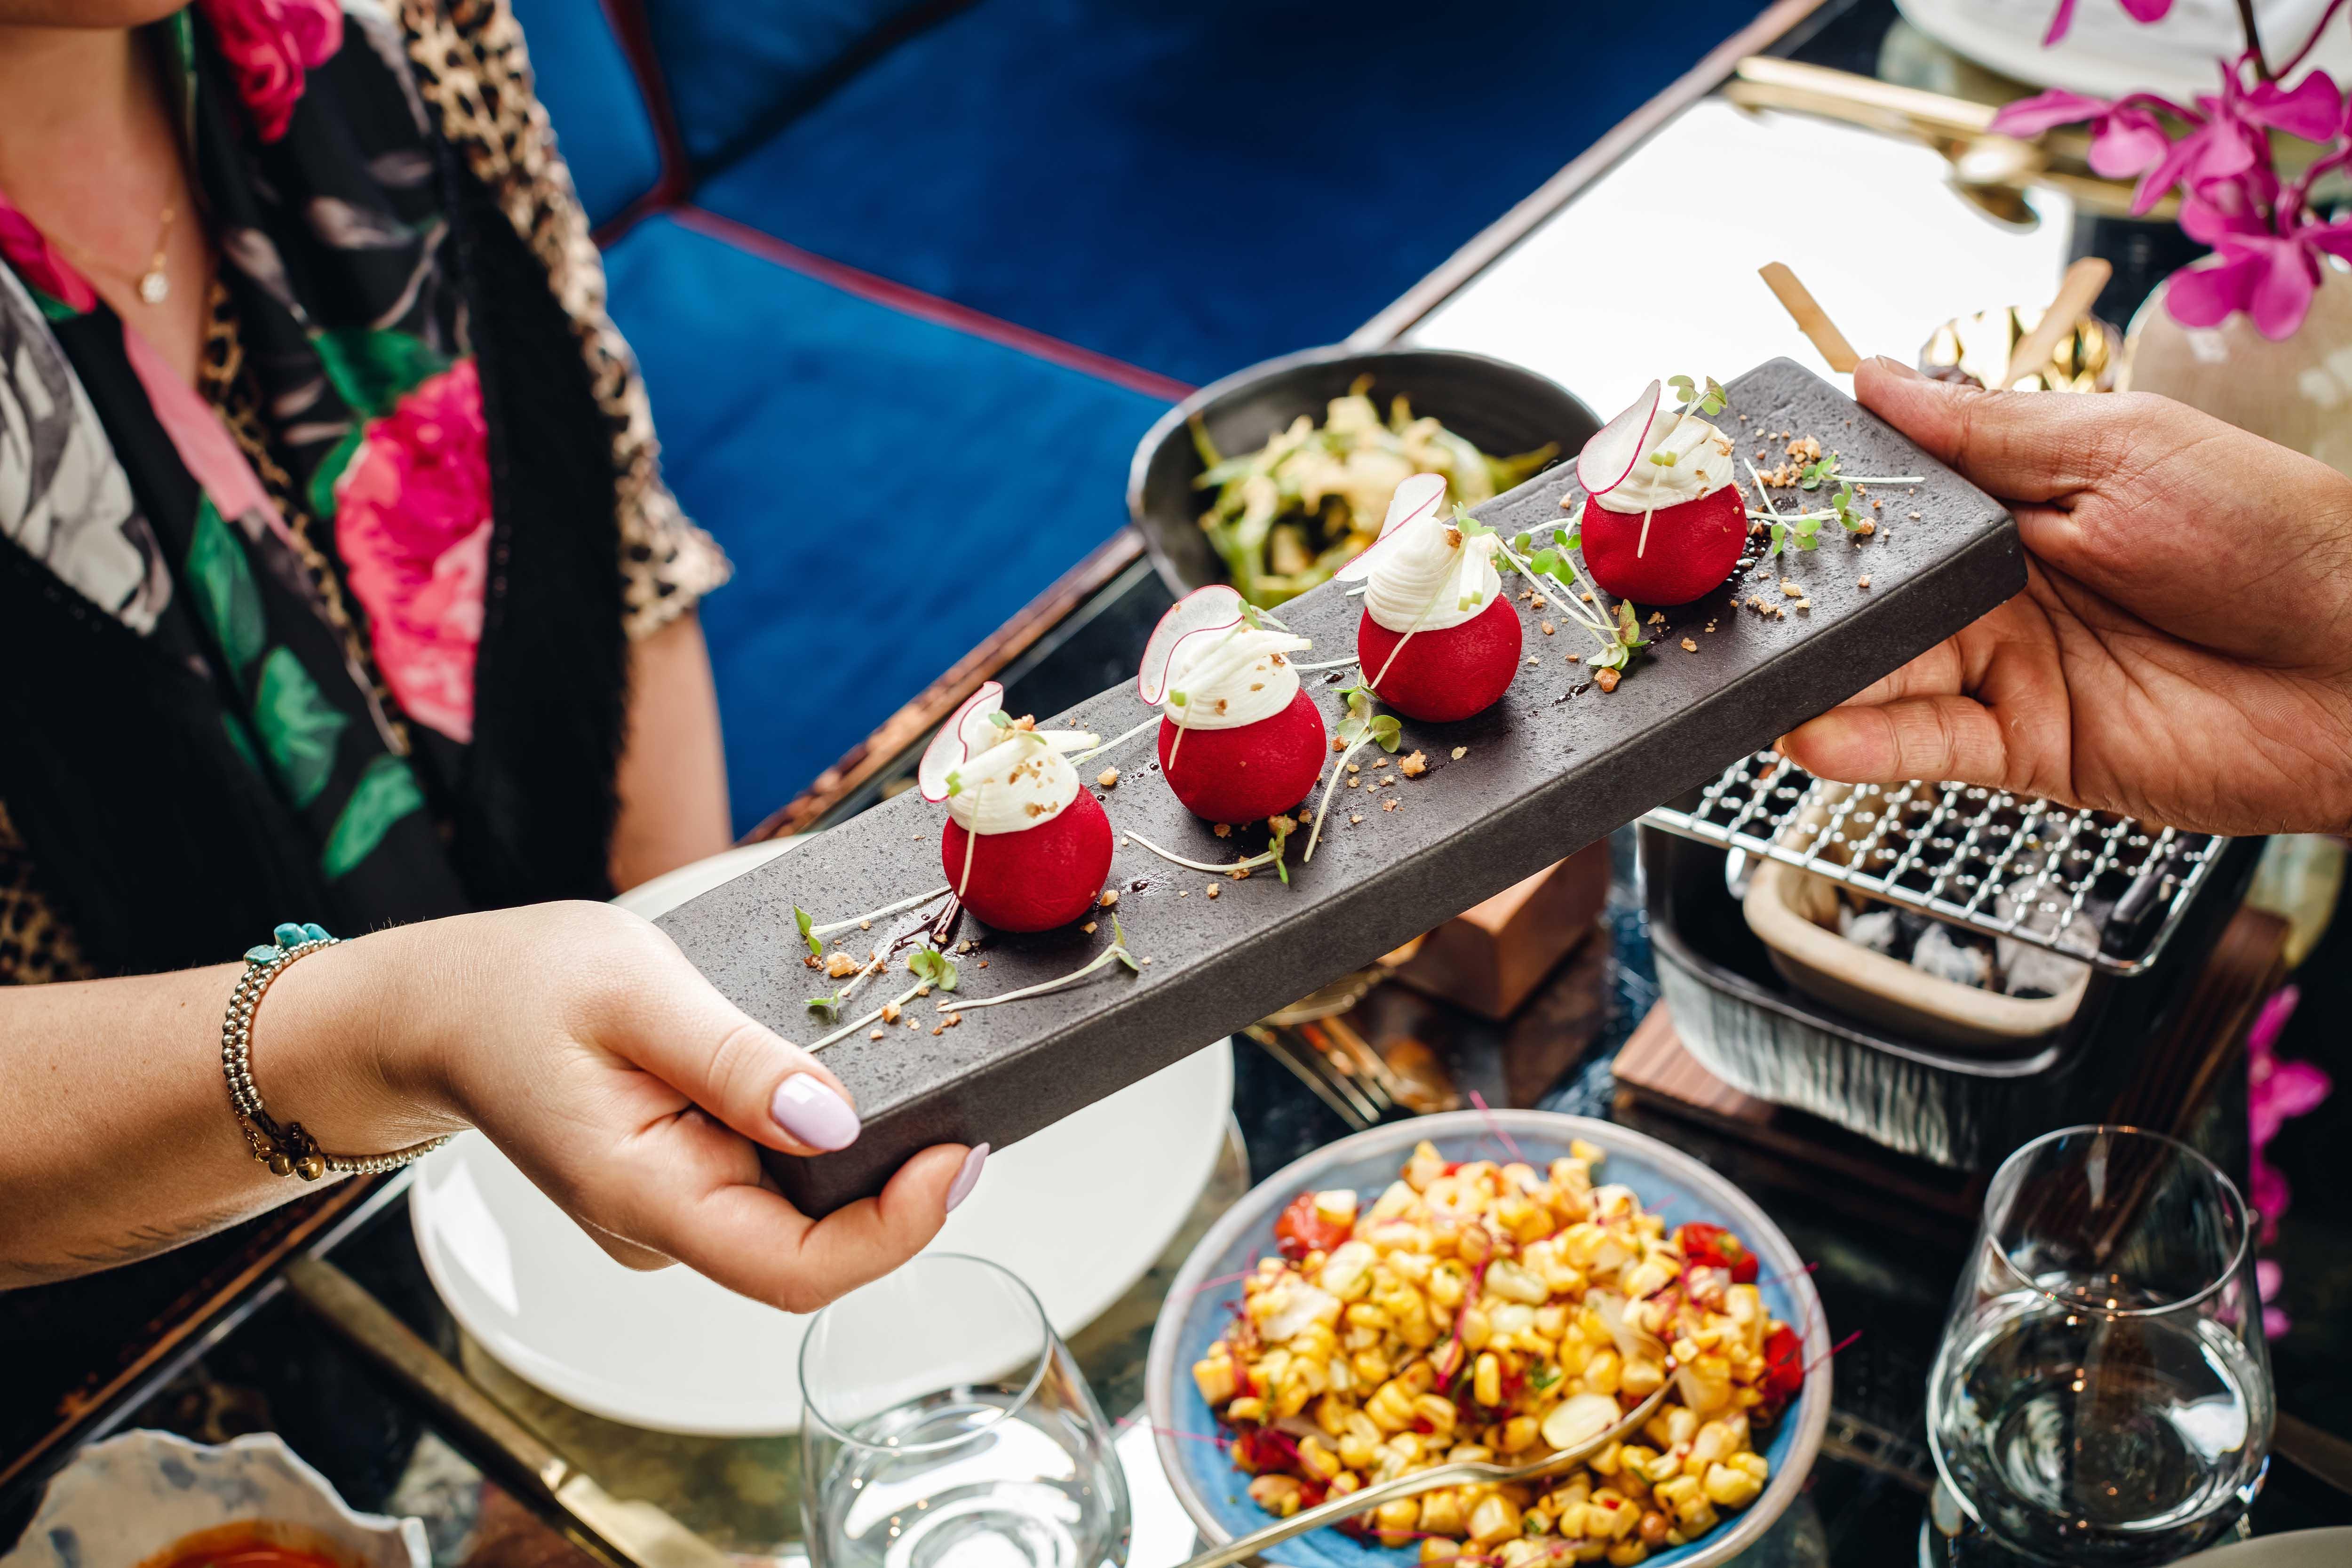 بوفيه الإفطار الرمضاني من مطعم كويا دبي لرمضان 2019